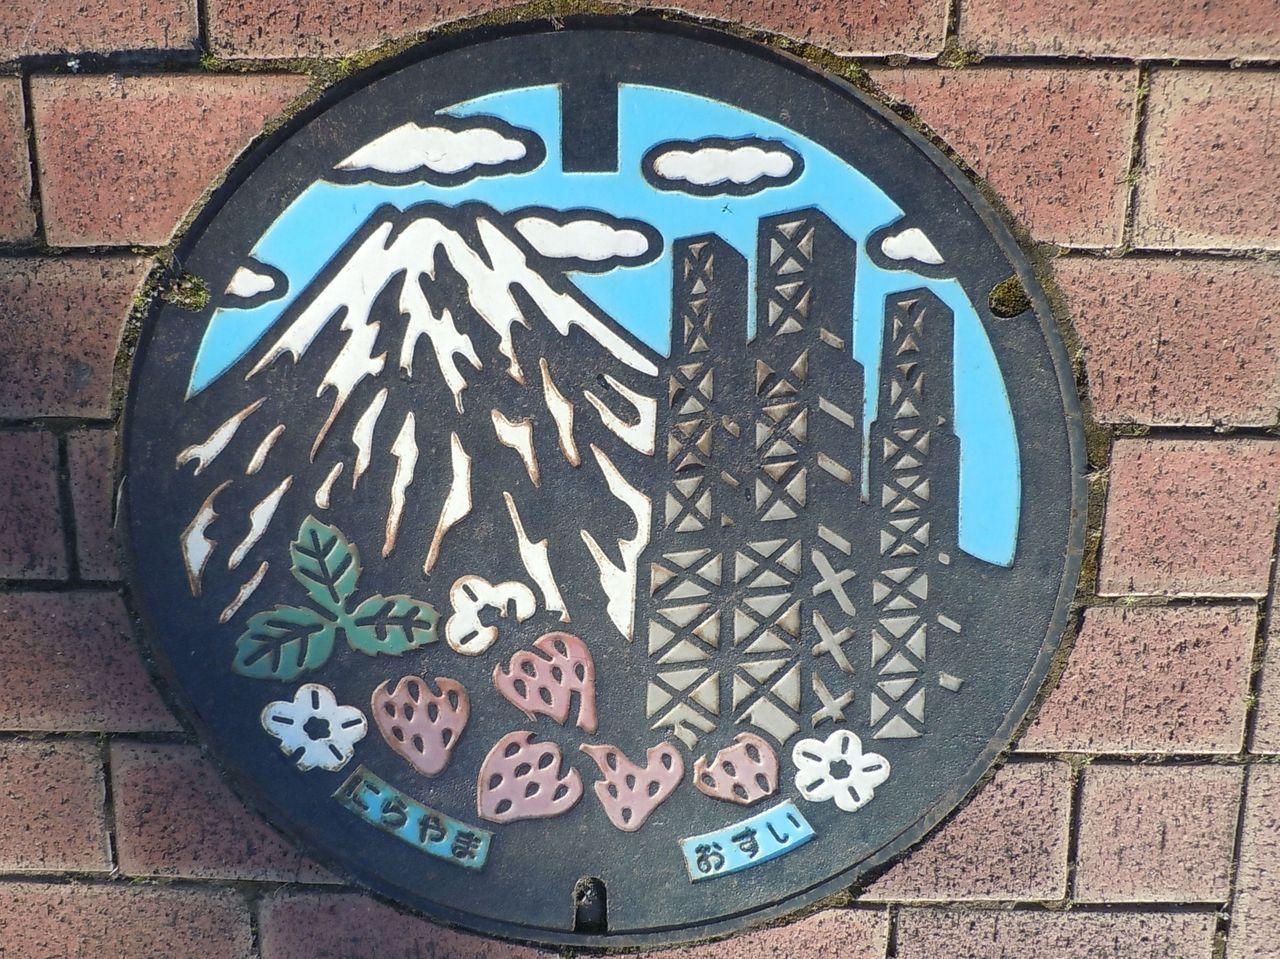 思わず探したくなる!富士山のデザイン入りの蓋